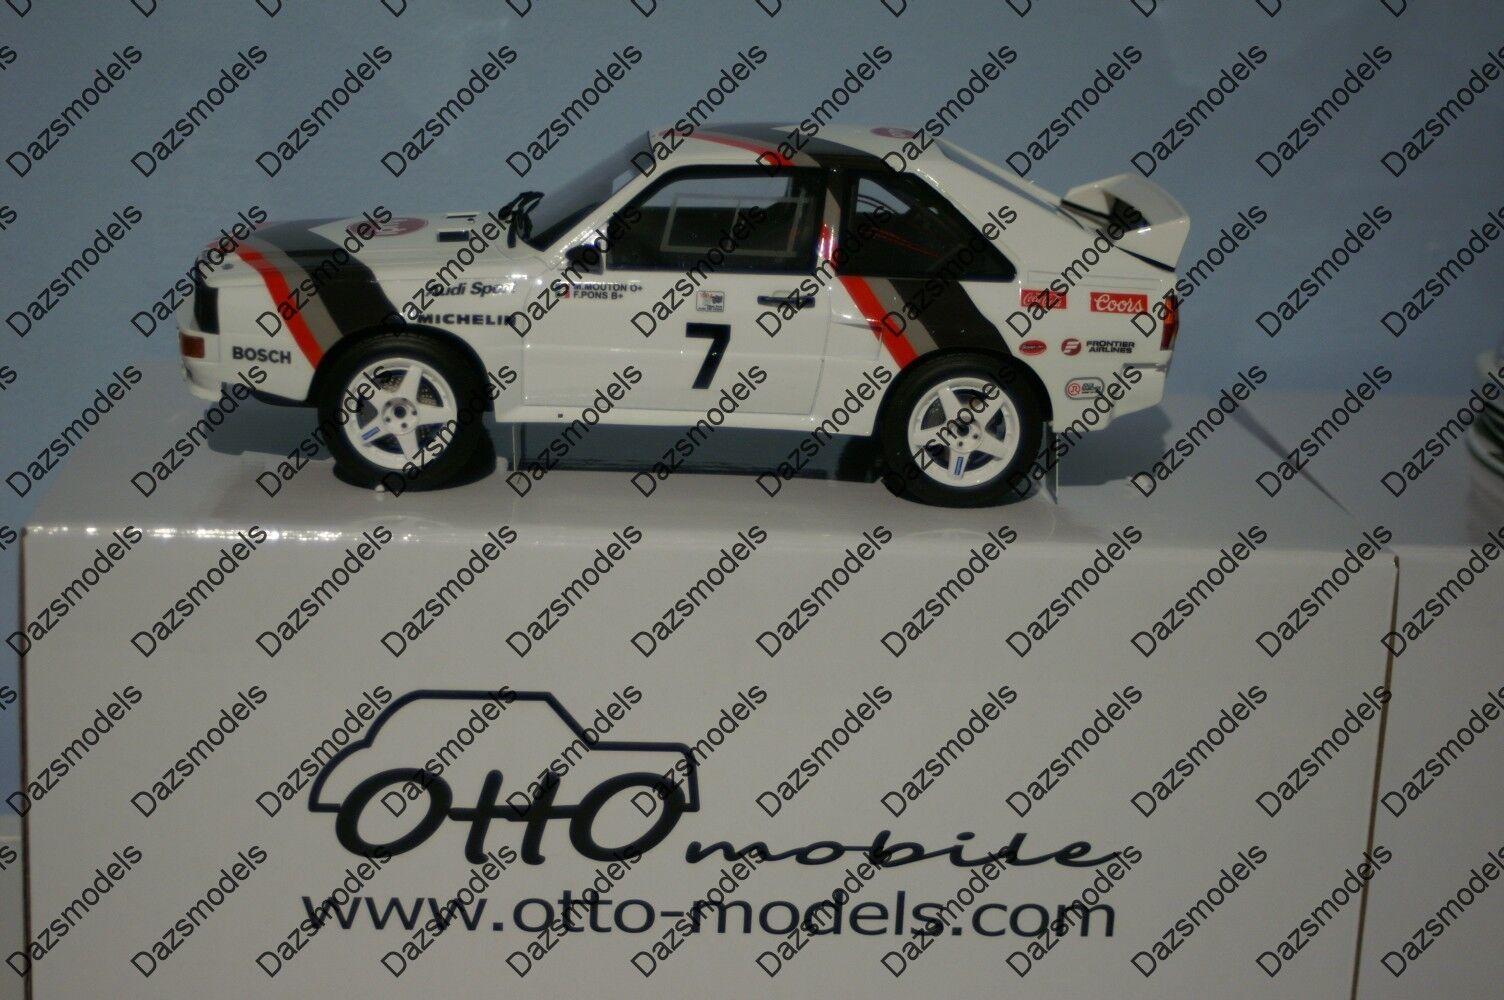 OTTO AUDI SPORT QUATTRO PICCHE picco M. Mouton Ltd 2000 AUTO 1:18 in resina OT591